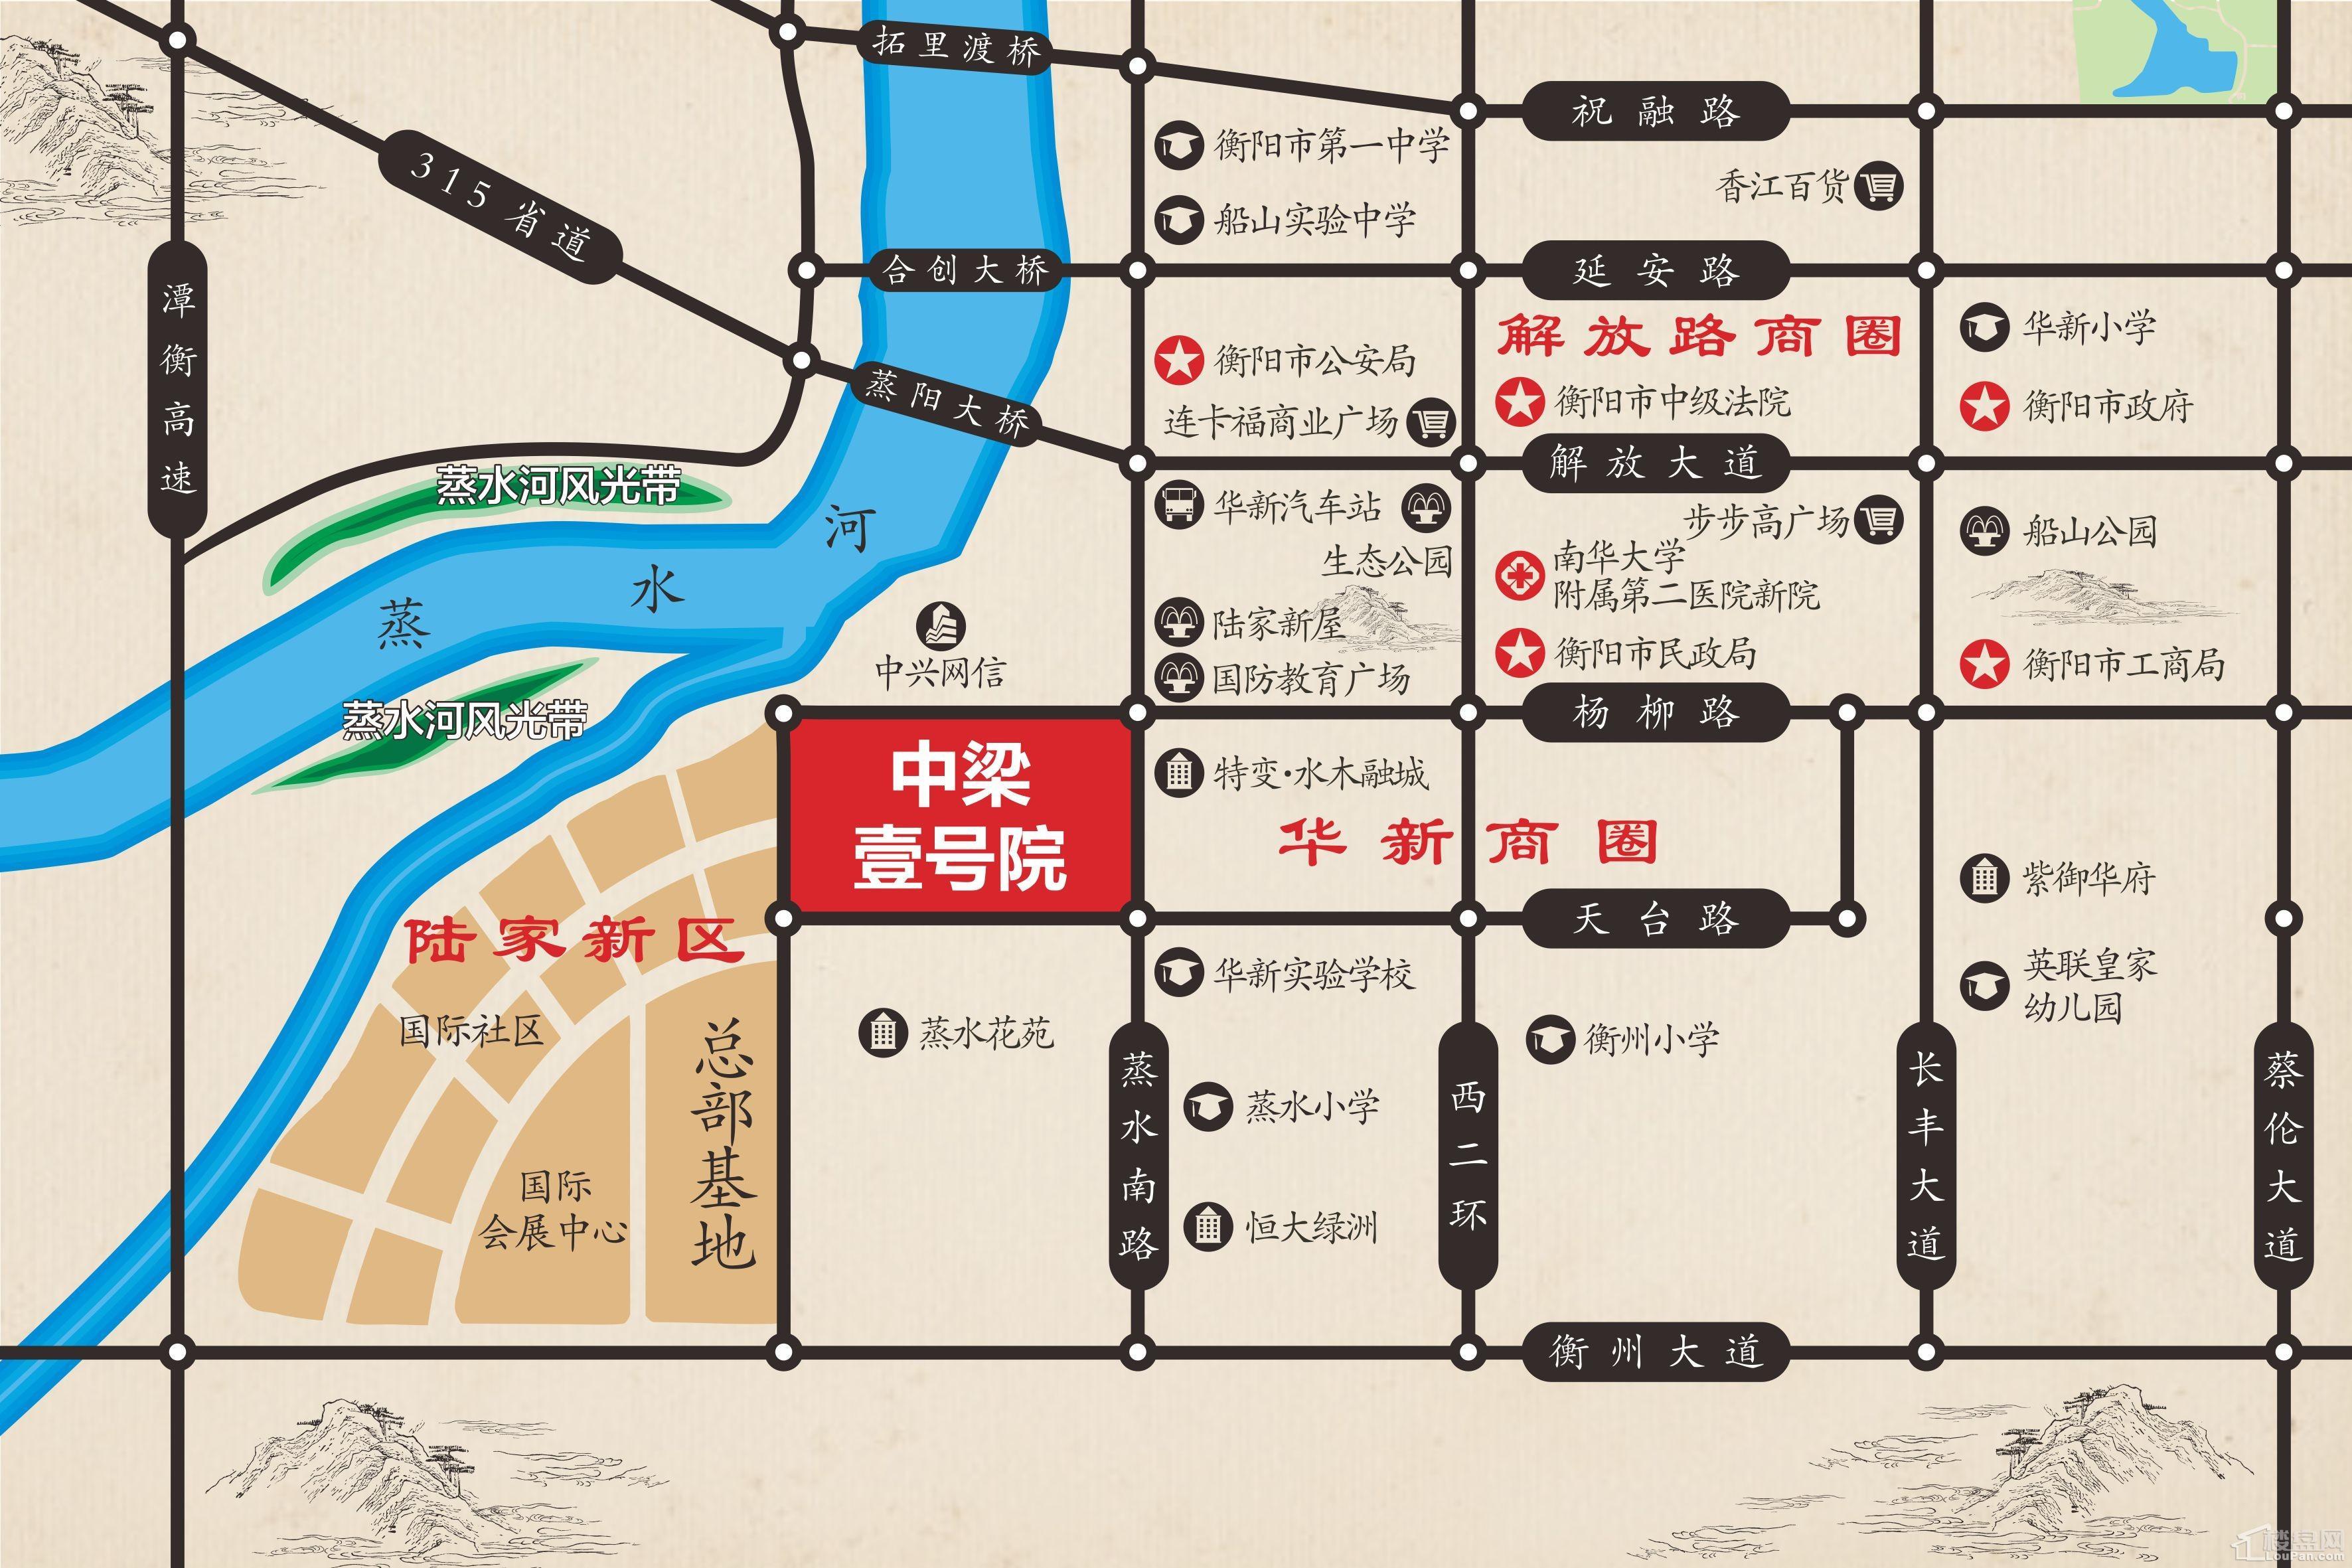 中梁·壹号院位置图